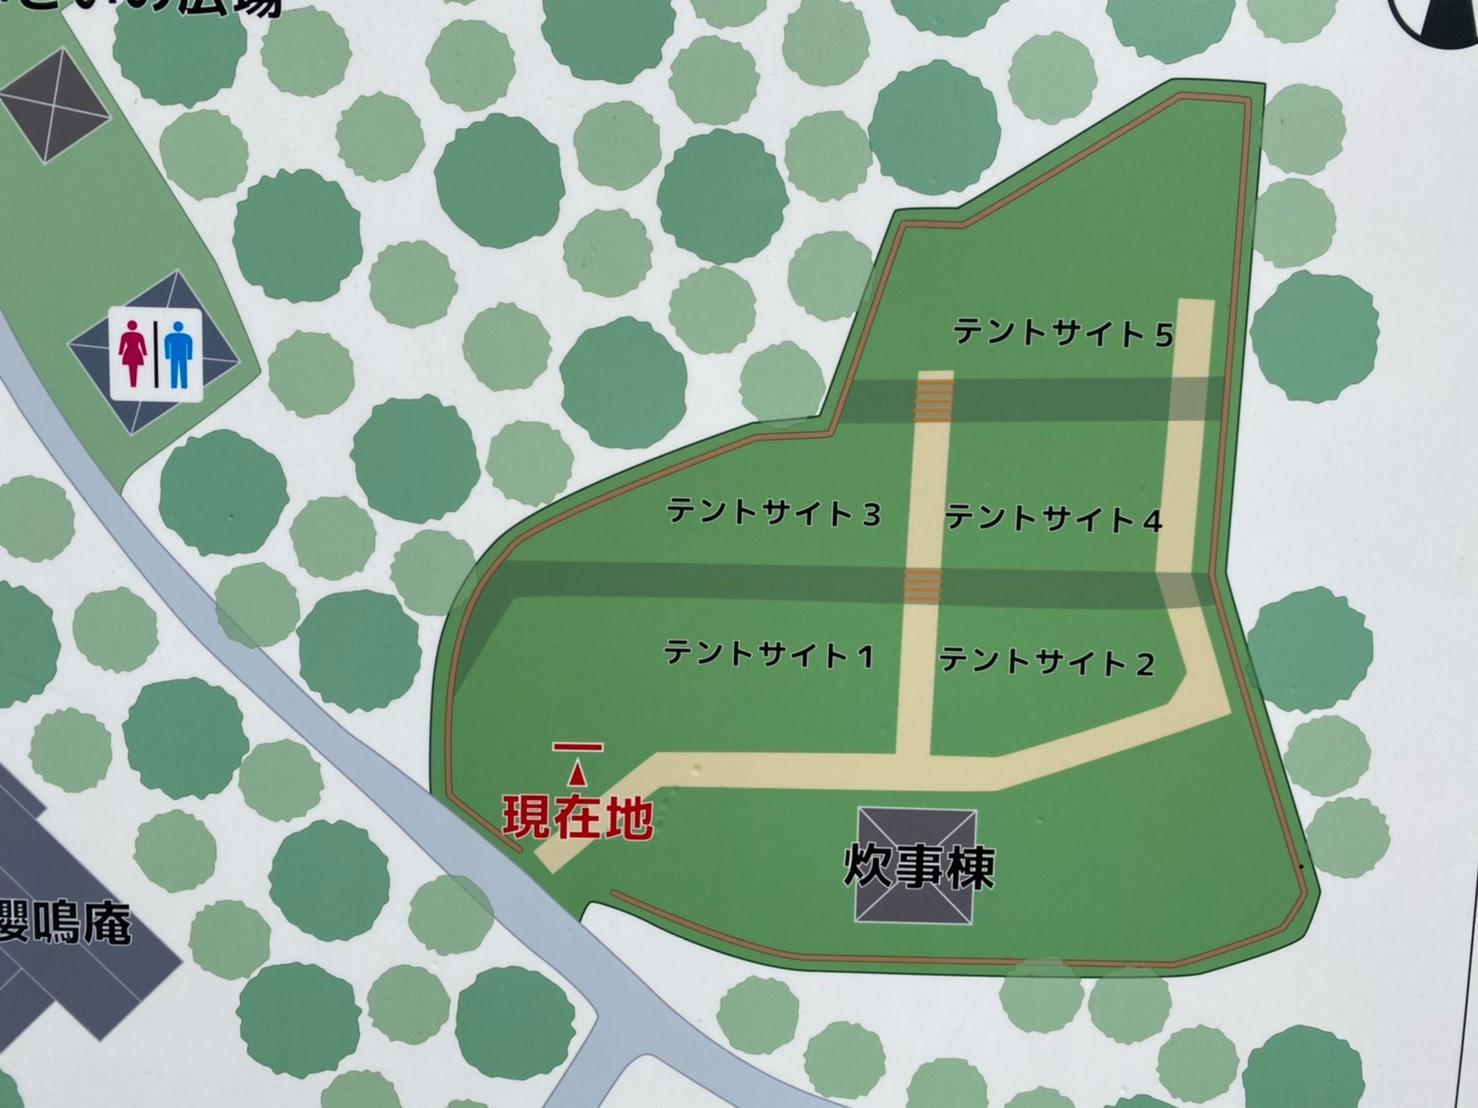 【無料の穴場スポット!愛知県】『聚楽園公園 キャンプ場』の情報まとめ(駐車場・トイレ)